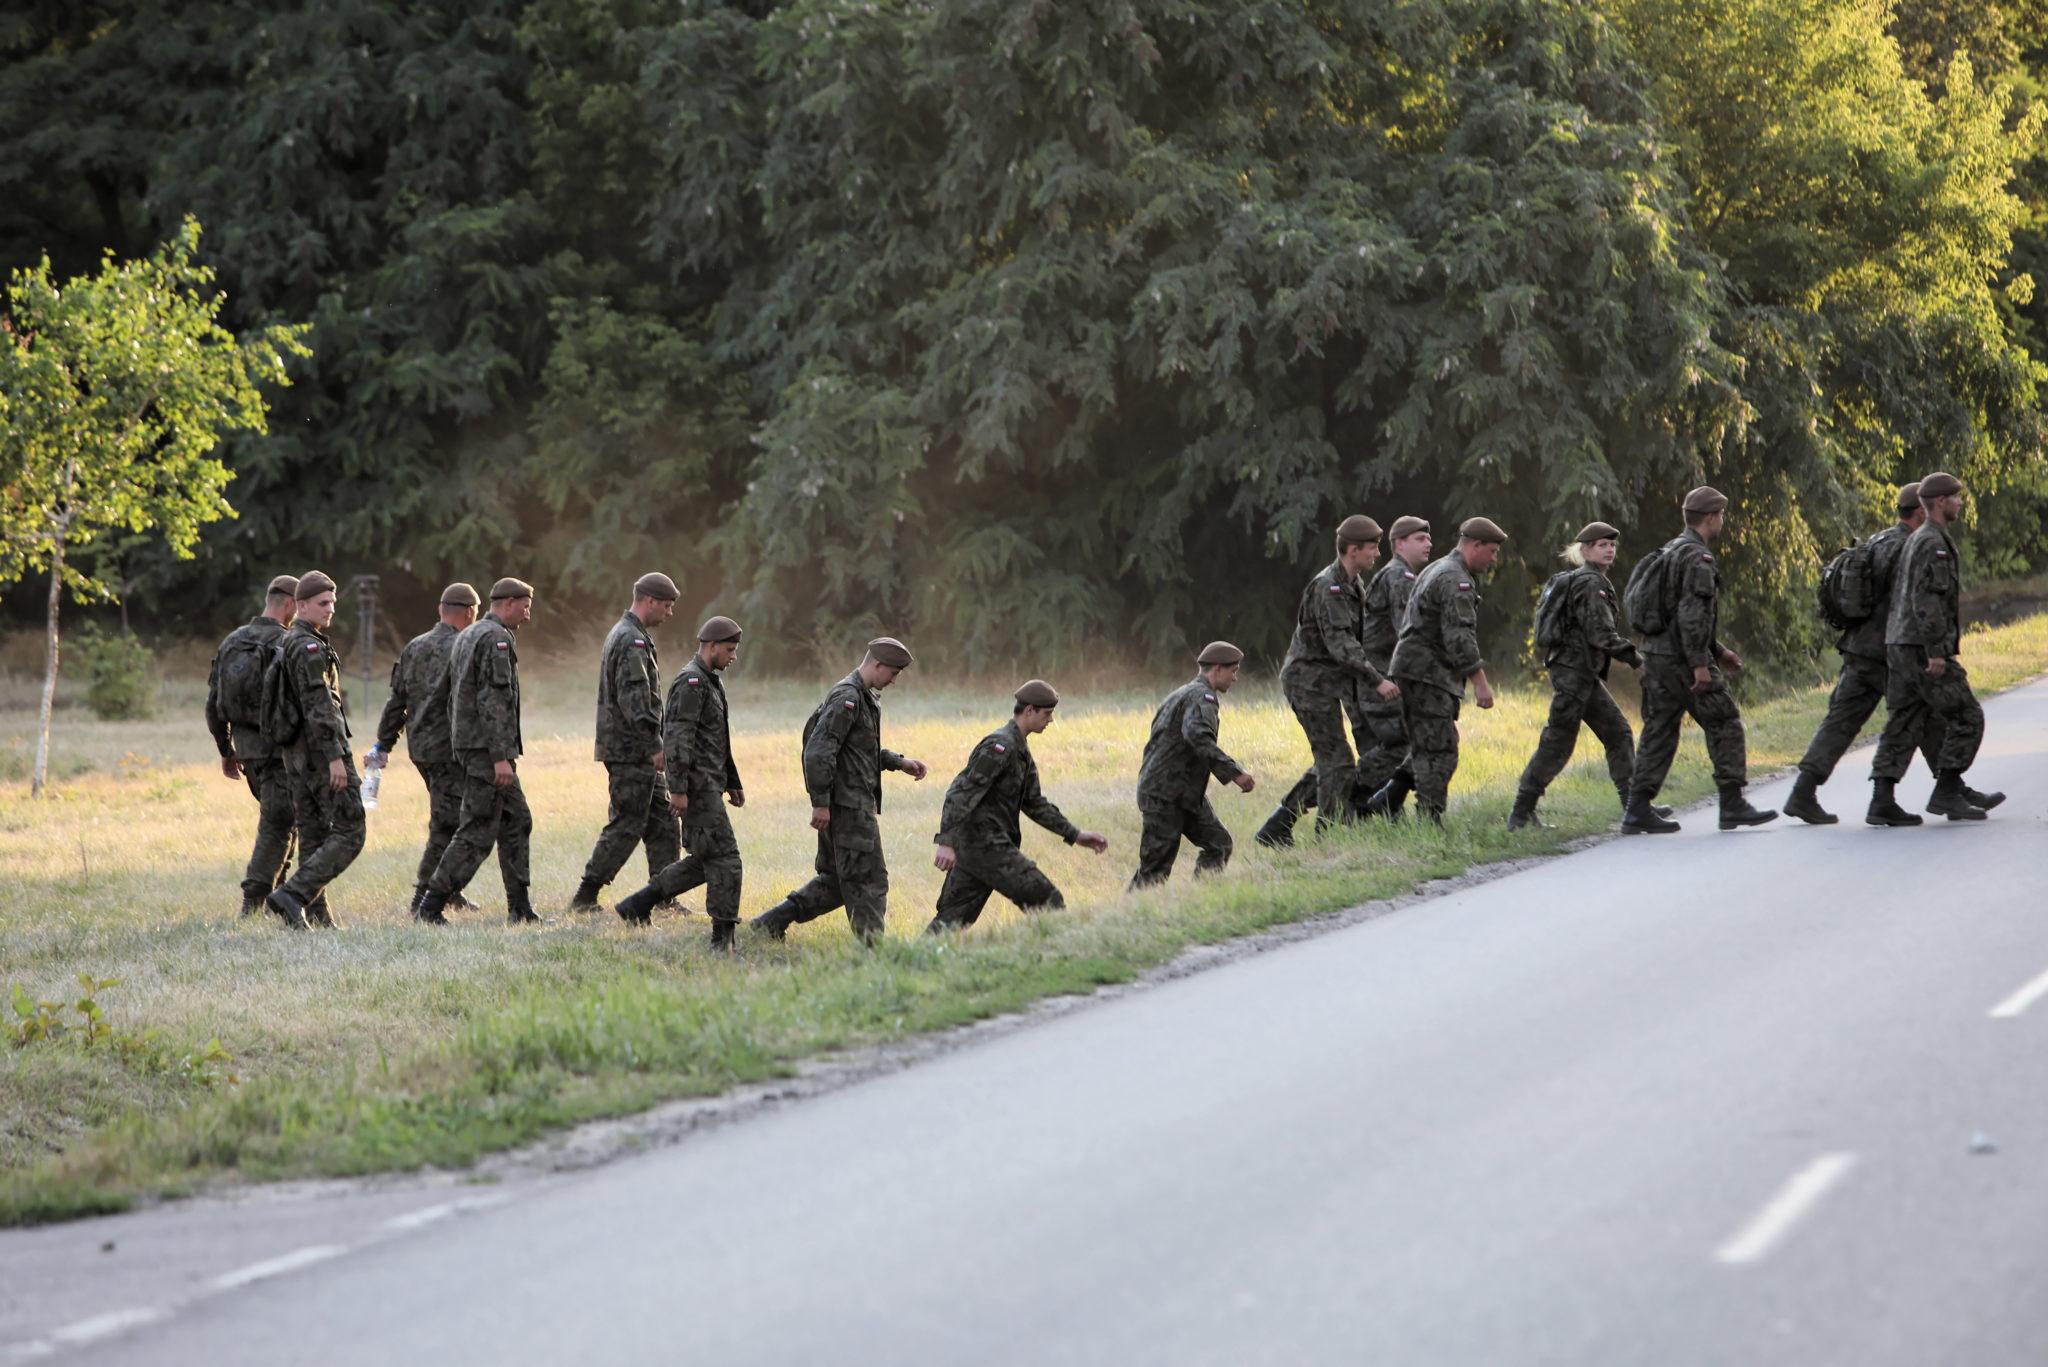 Pruszków: żołnierze 6. Mazowieckiej Brygady Wojsk Obrony Terytorialnej podczas poszukiwań 5-letniego Dawida, który po raz ostatni był widziany razem ze swoim ojcem. Mężczyzna popełnił samobójstwo, rzucając się pod pociąg w Grodzisku Mazowieckim, fot. Leszek Szymański, PAP